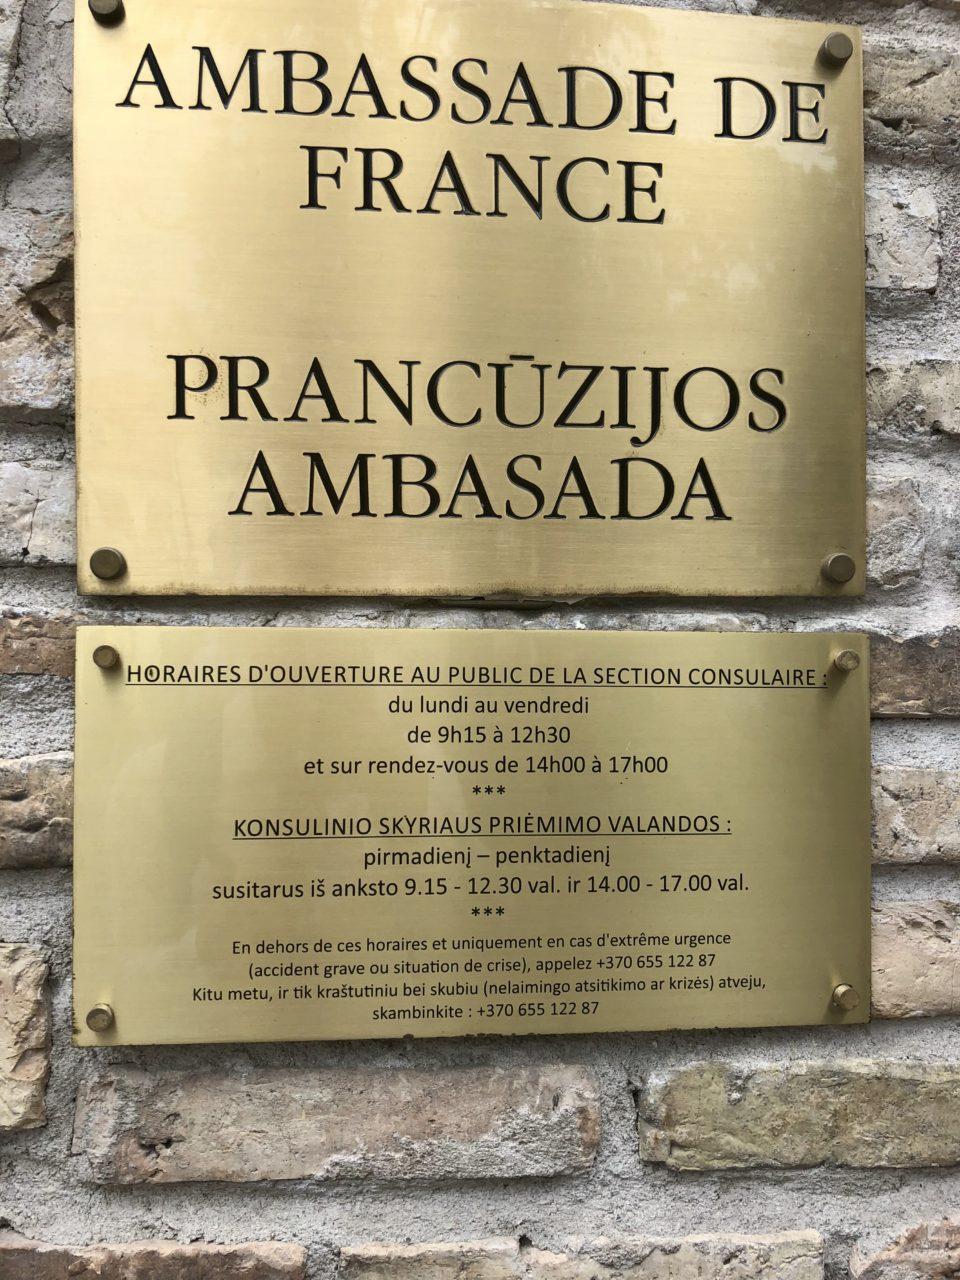 La plaque de l'ambassade de France en Lituanie © Clara Delcroix